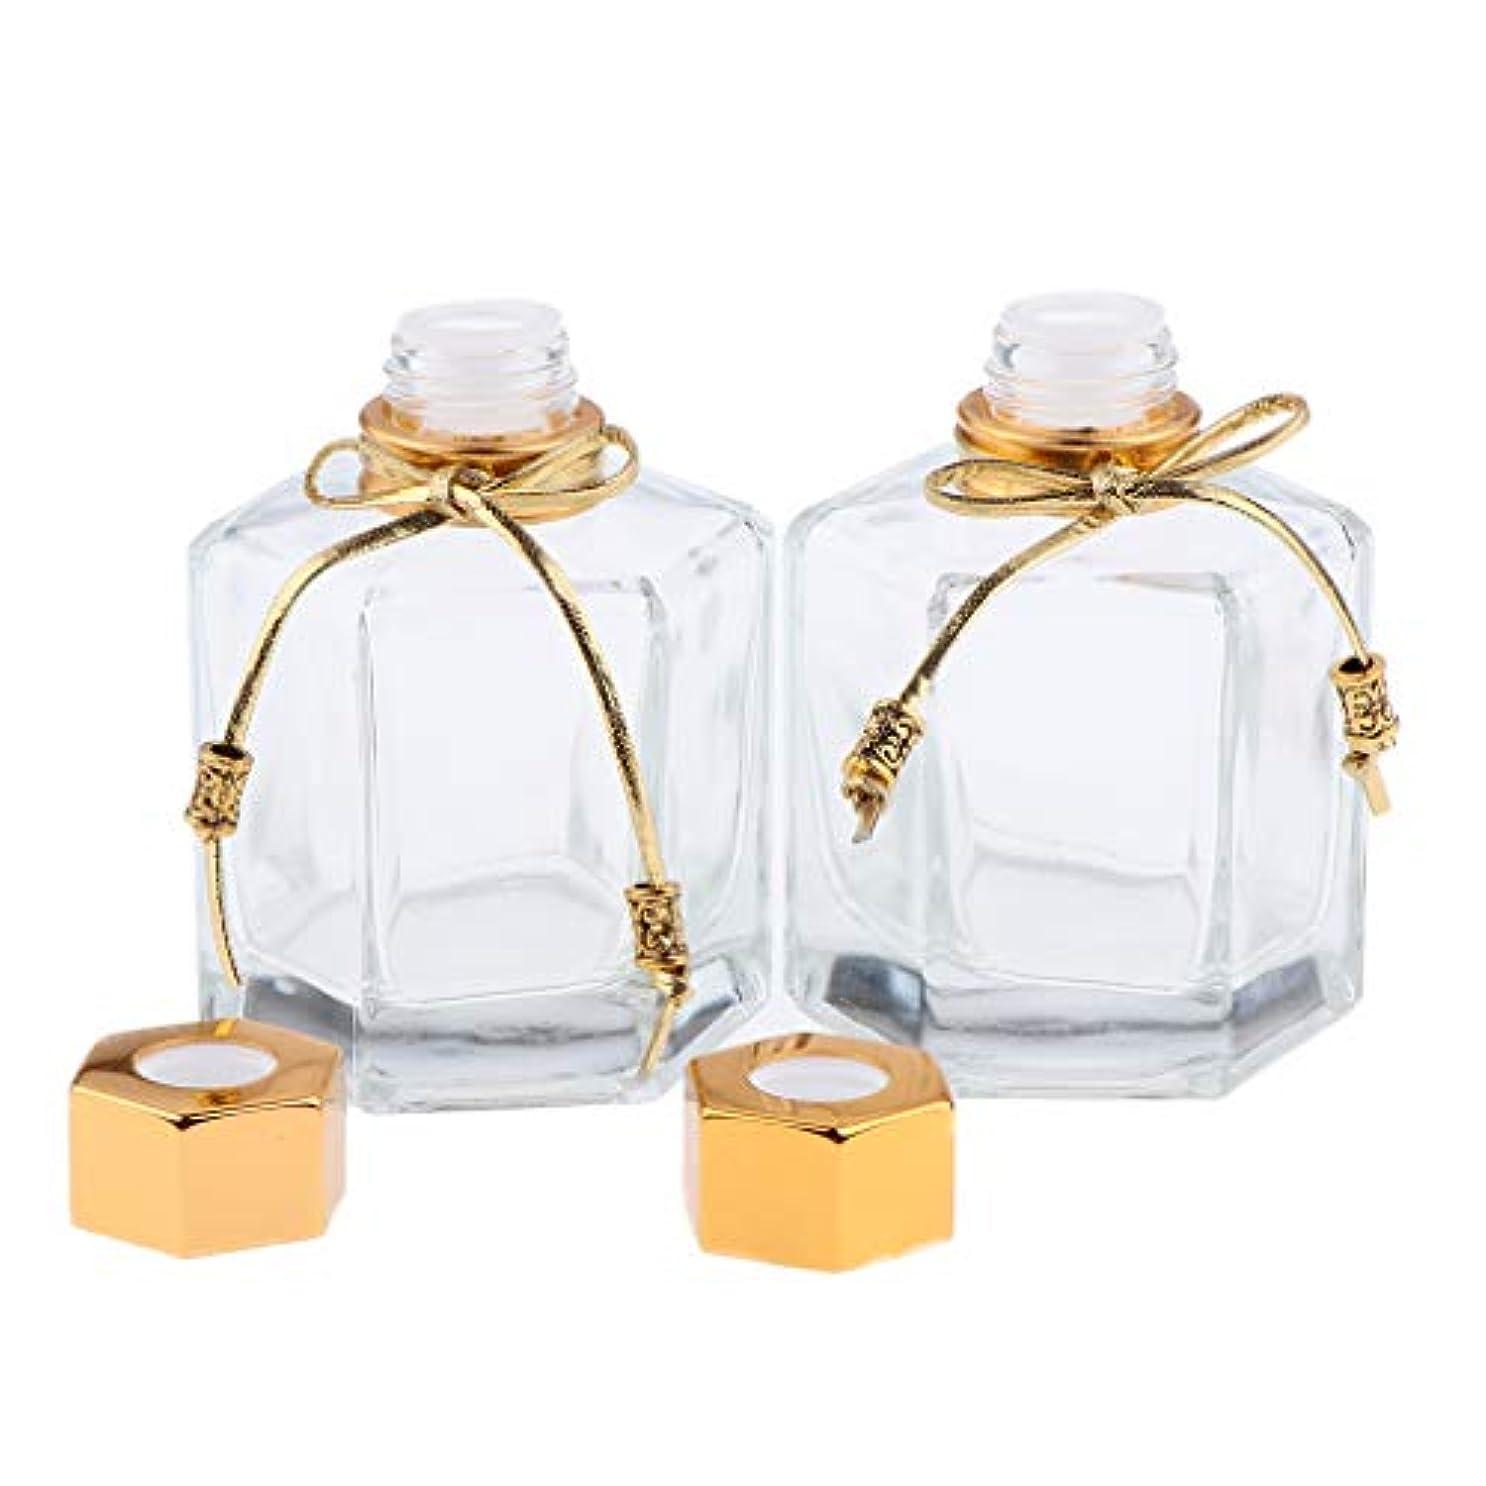 チャンピオンシップオンス忠実に香水瓶 ガラス 香水ボトル オイル エッセンシャルオイル ボトル 拡散器 2色選べ - ゴールデン